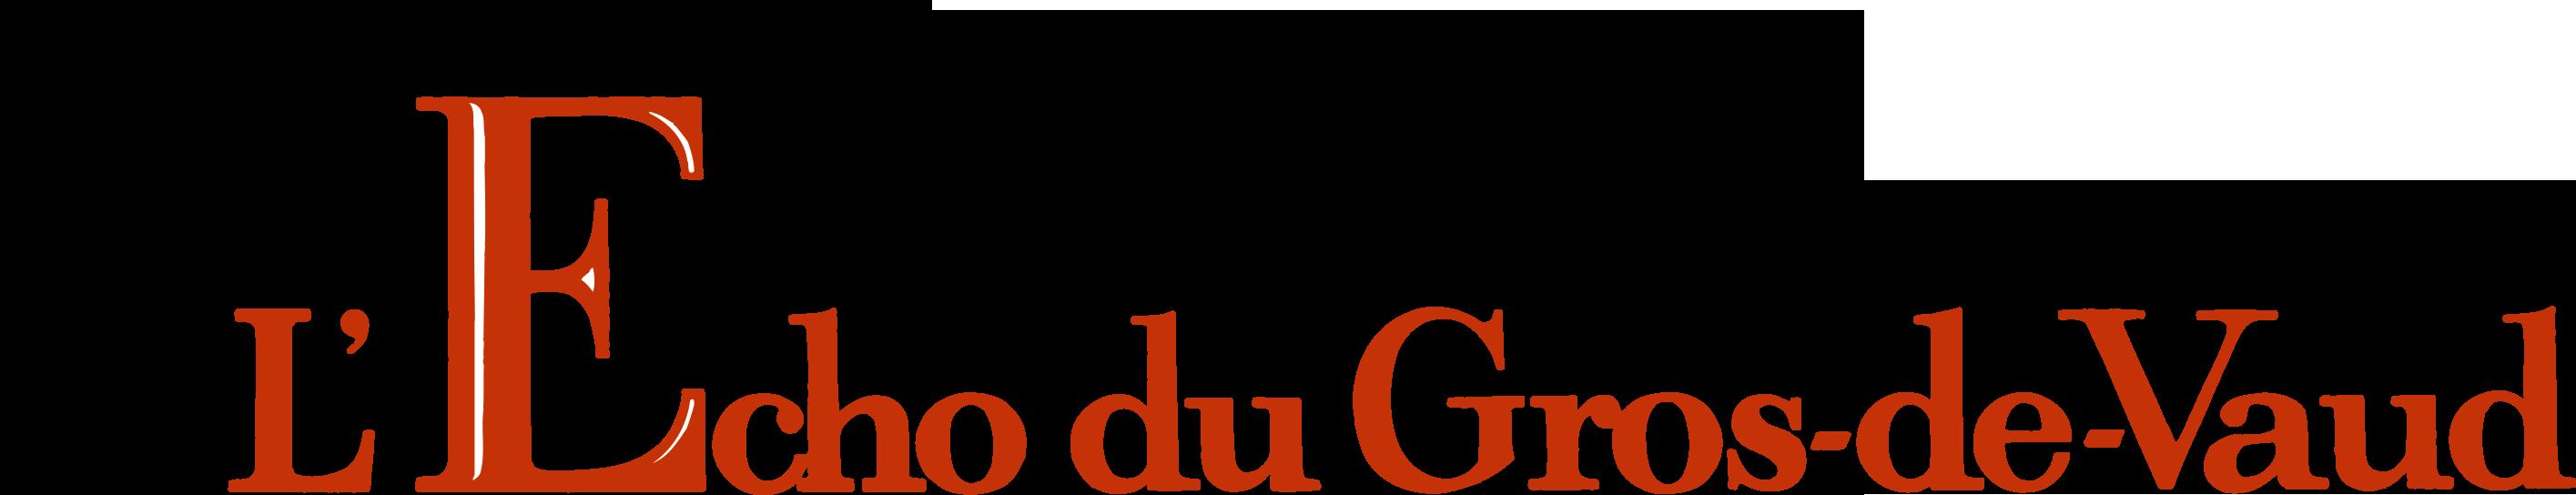 L'Echo du Gros-de-Vaud